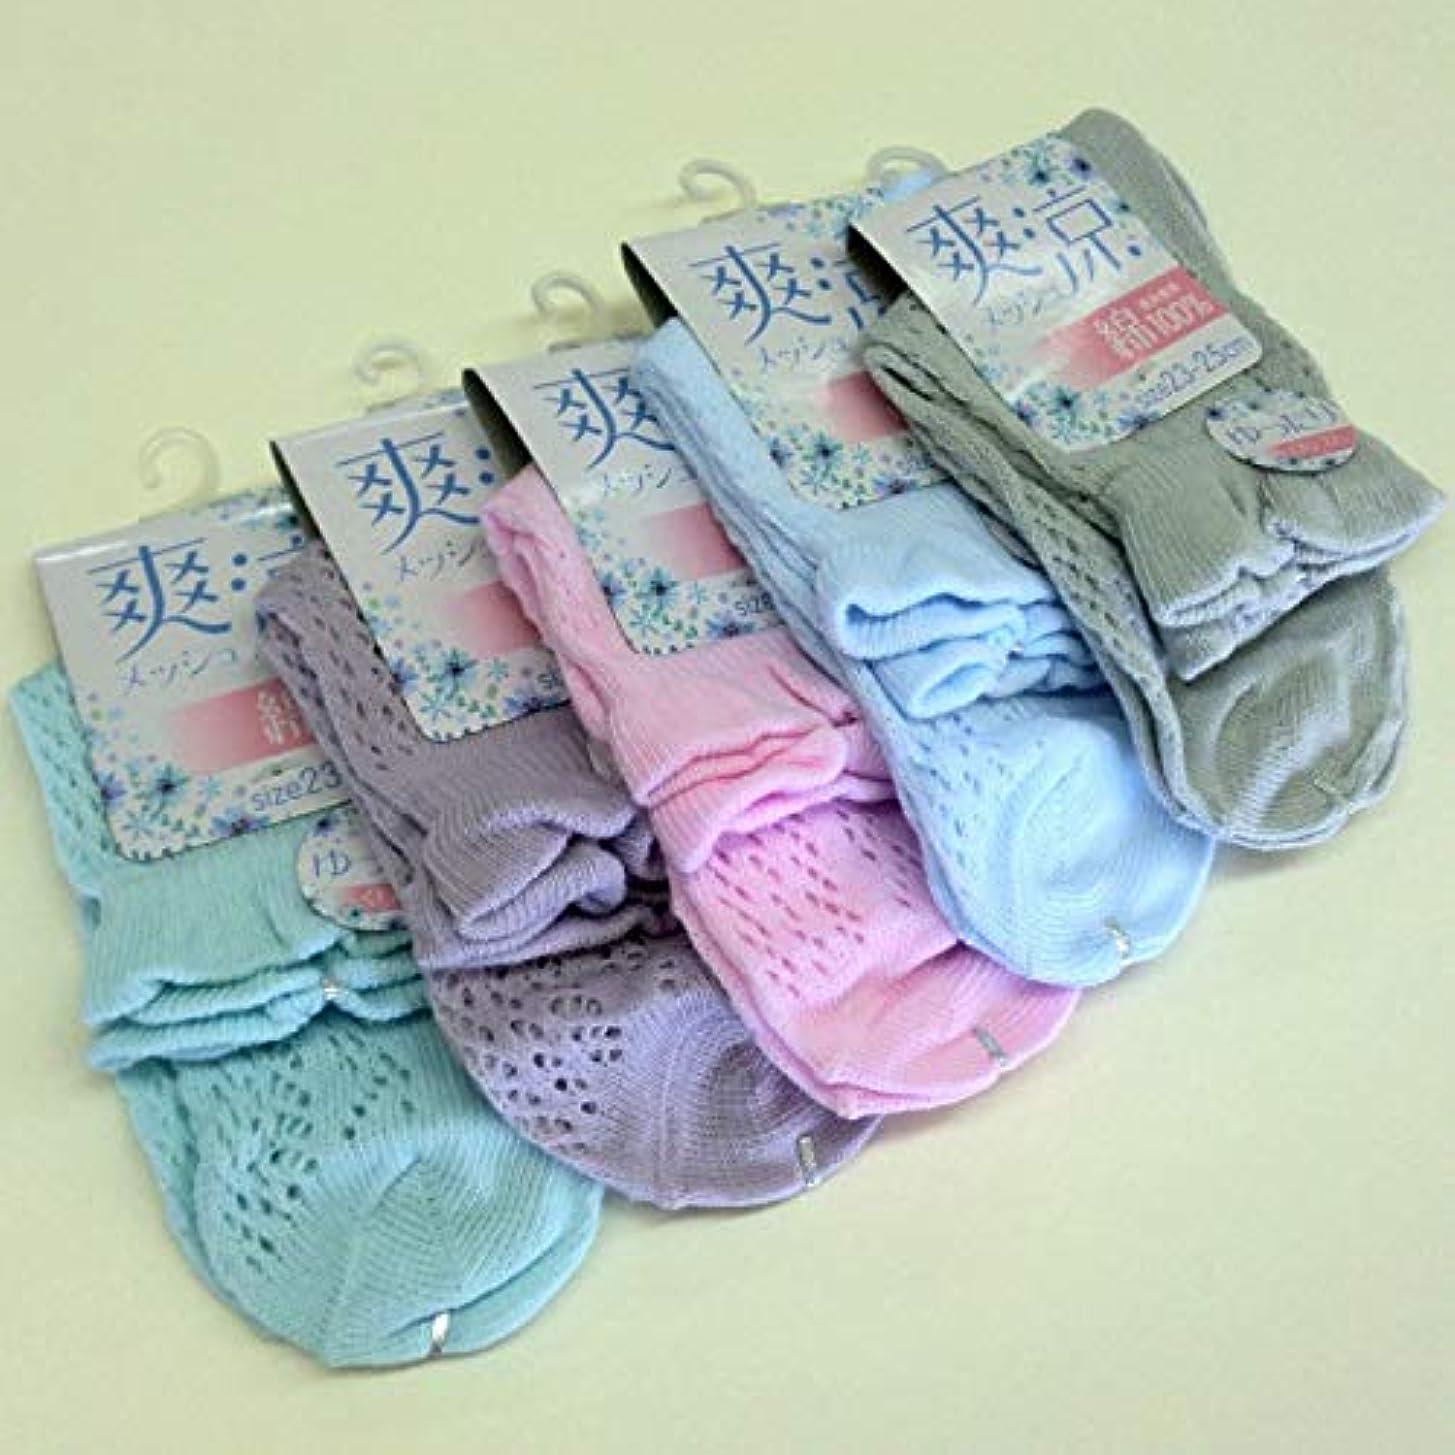 実質的きしむしたがって靴下 レディース 夏 表糸綿100% 涼しいルミーソックス セット 5色5足組